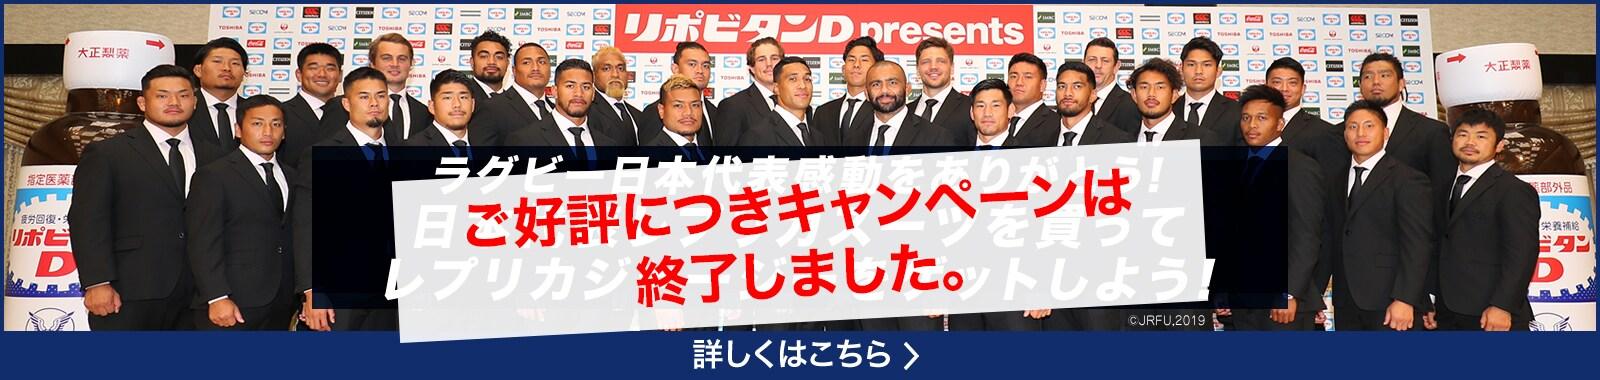 キャンペーンラグビー日本代表応援2